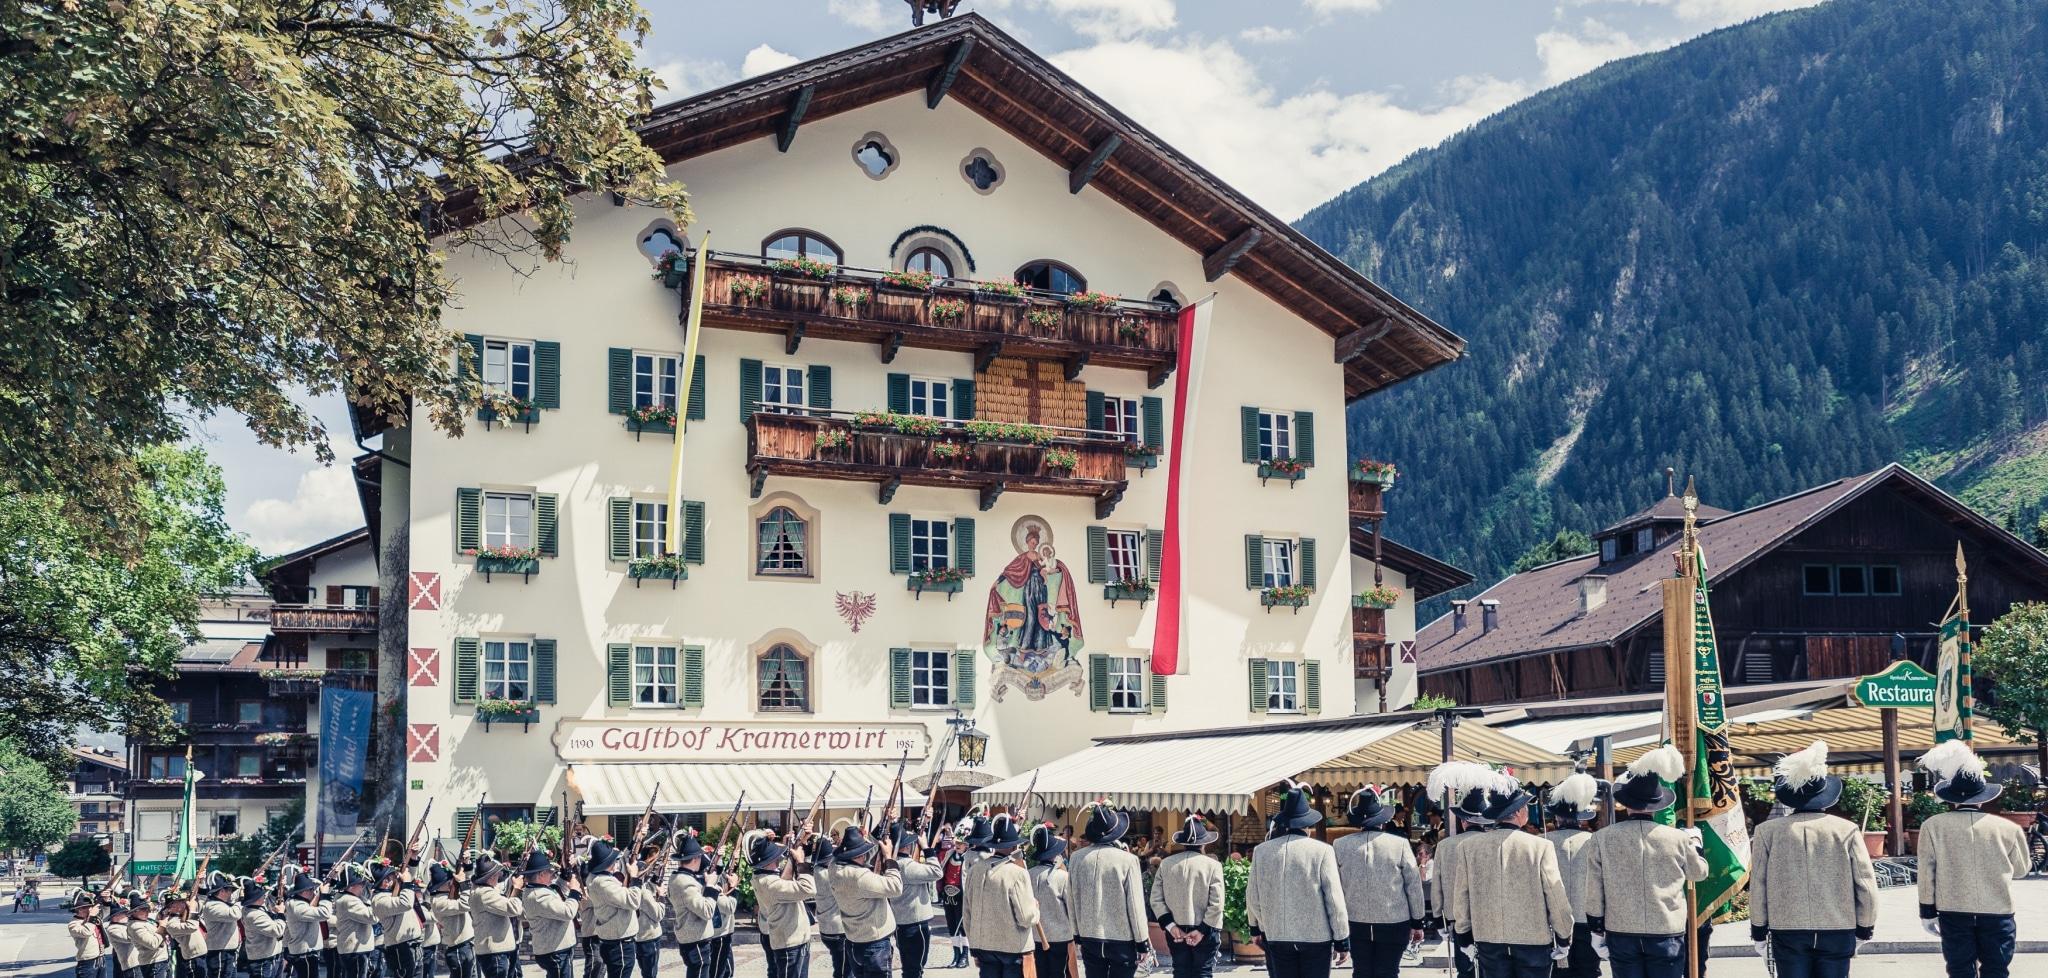 Alpenhotel Kramerwirt in Mayrhofen